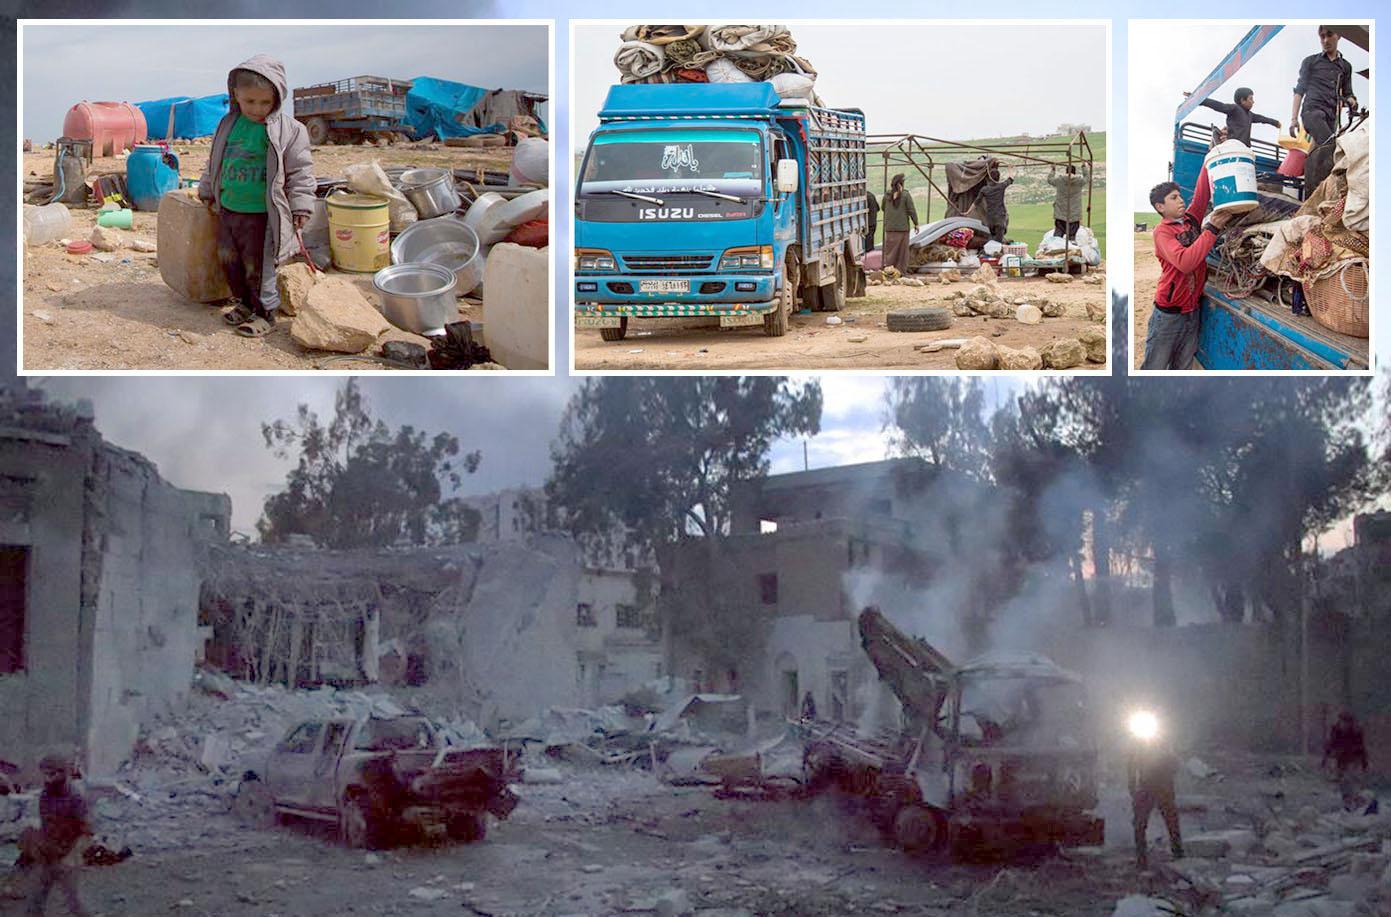 ادلب: روسی بم باری سے مکانات اور گاڑیاں تباہ ہوگئی ہیں' نشانہ بننے والی خیمہ بستی سے پناہ گزین پھر نقل مکانی کررہے ہیں